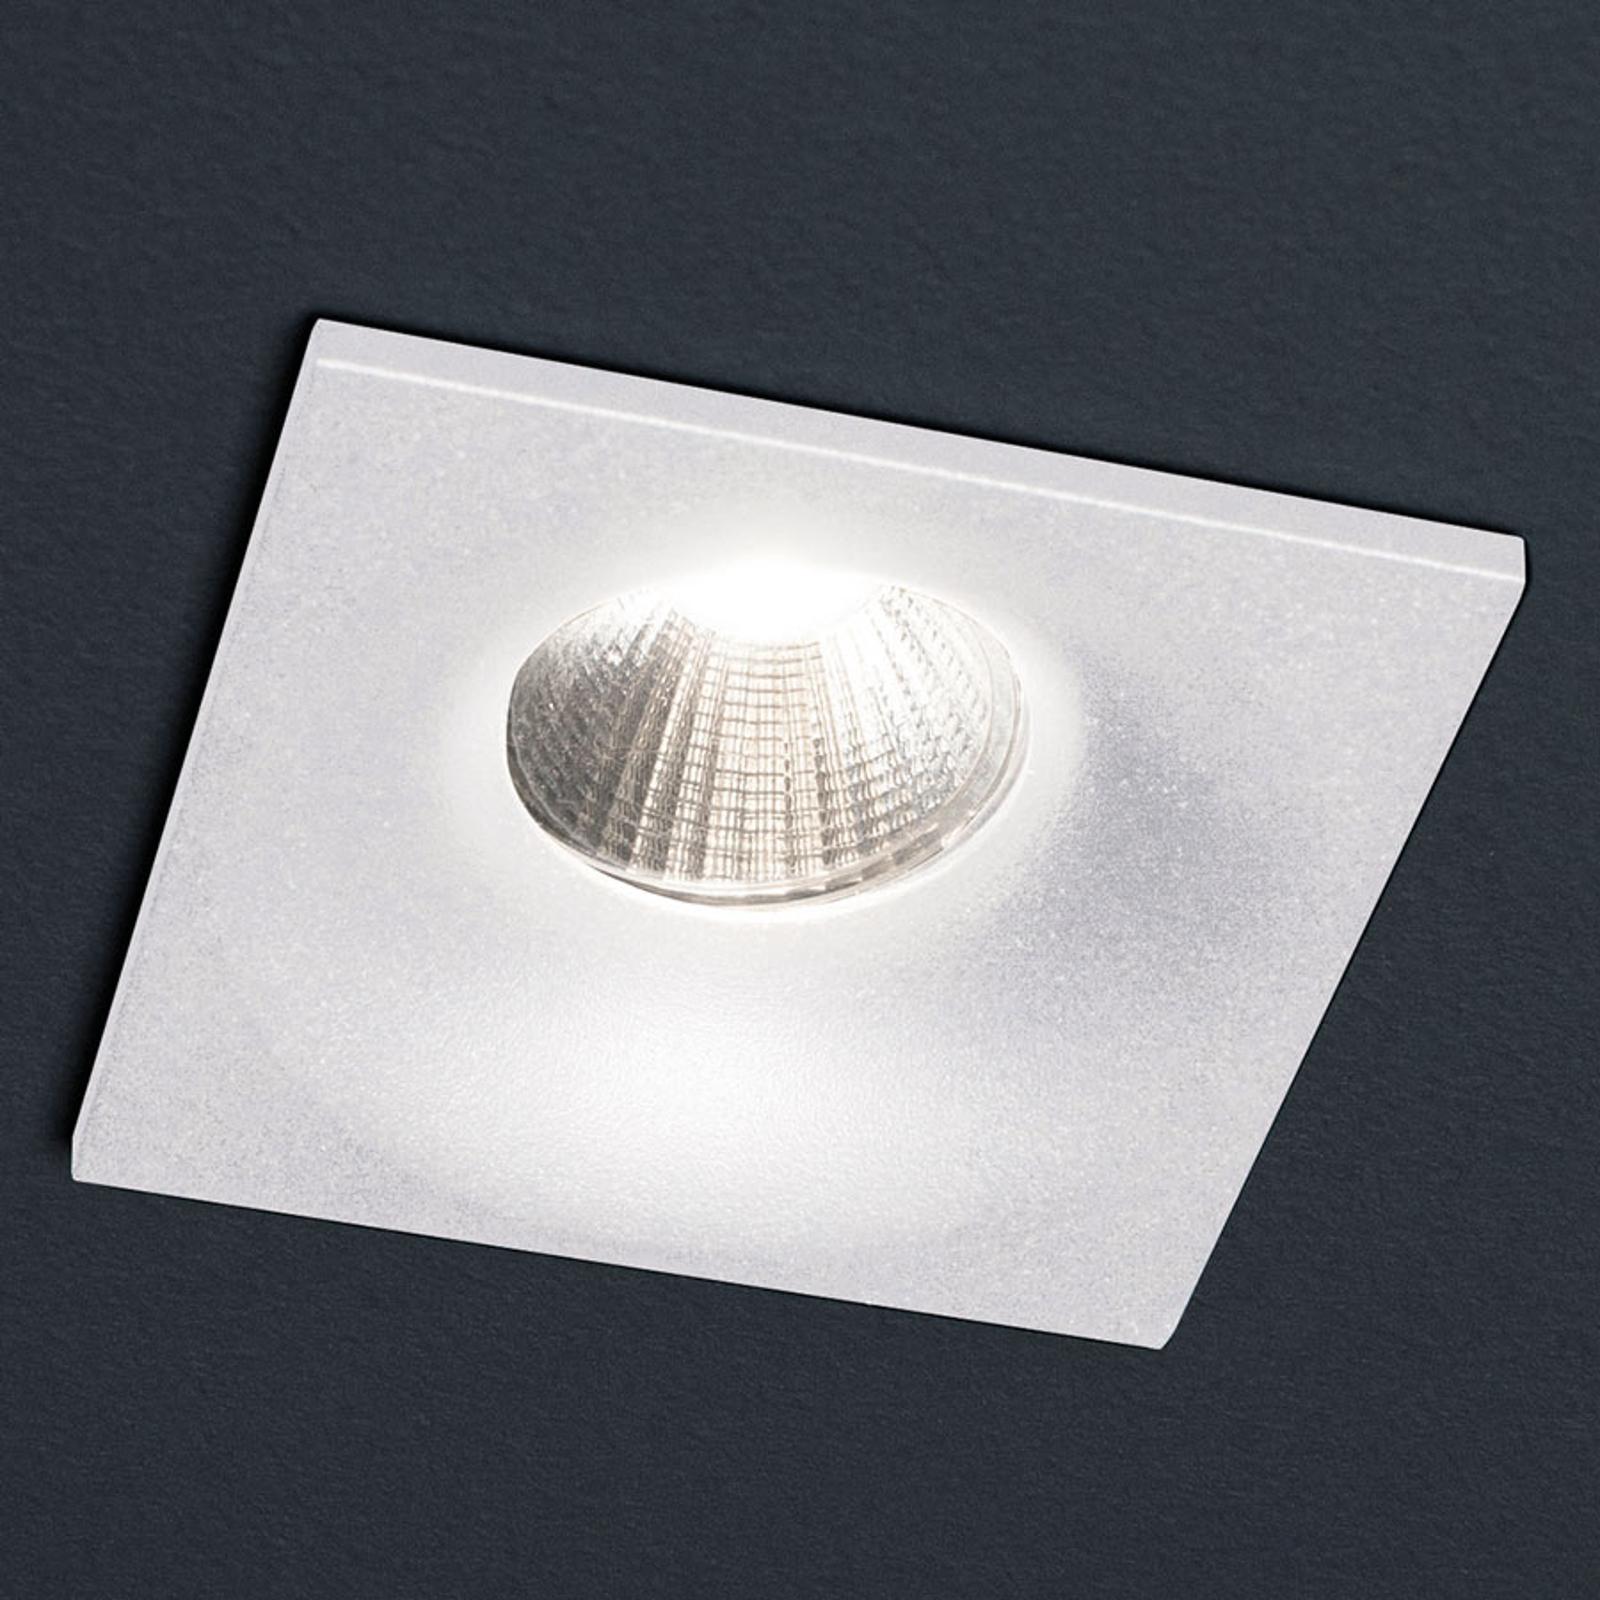 Ivy Square spot encastrable LED 7 W 3000K blanc